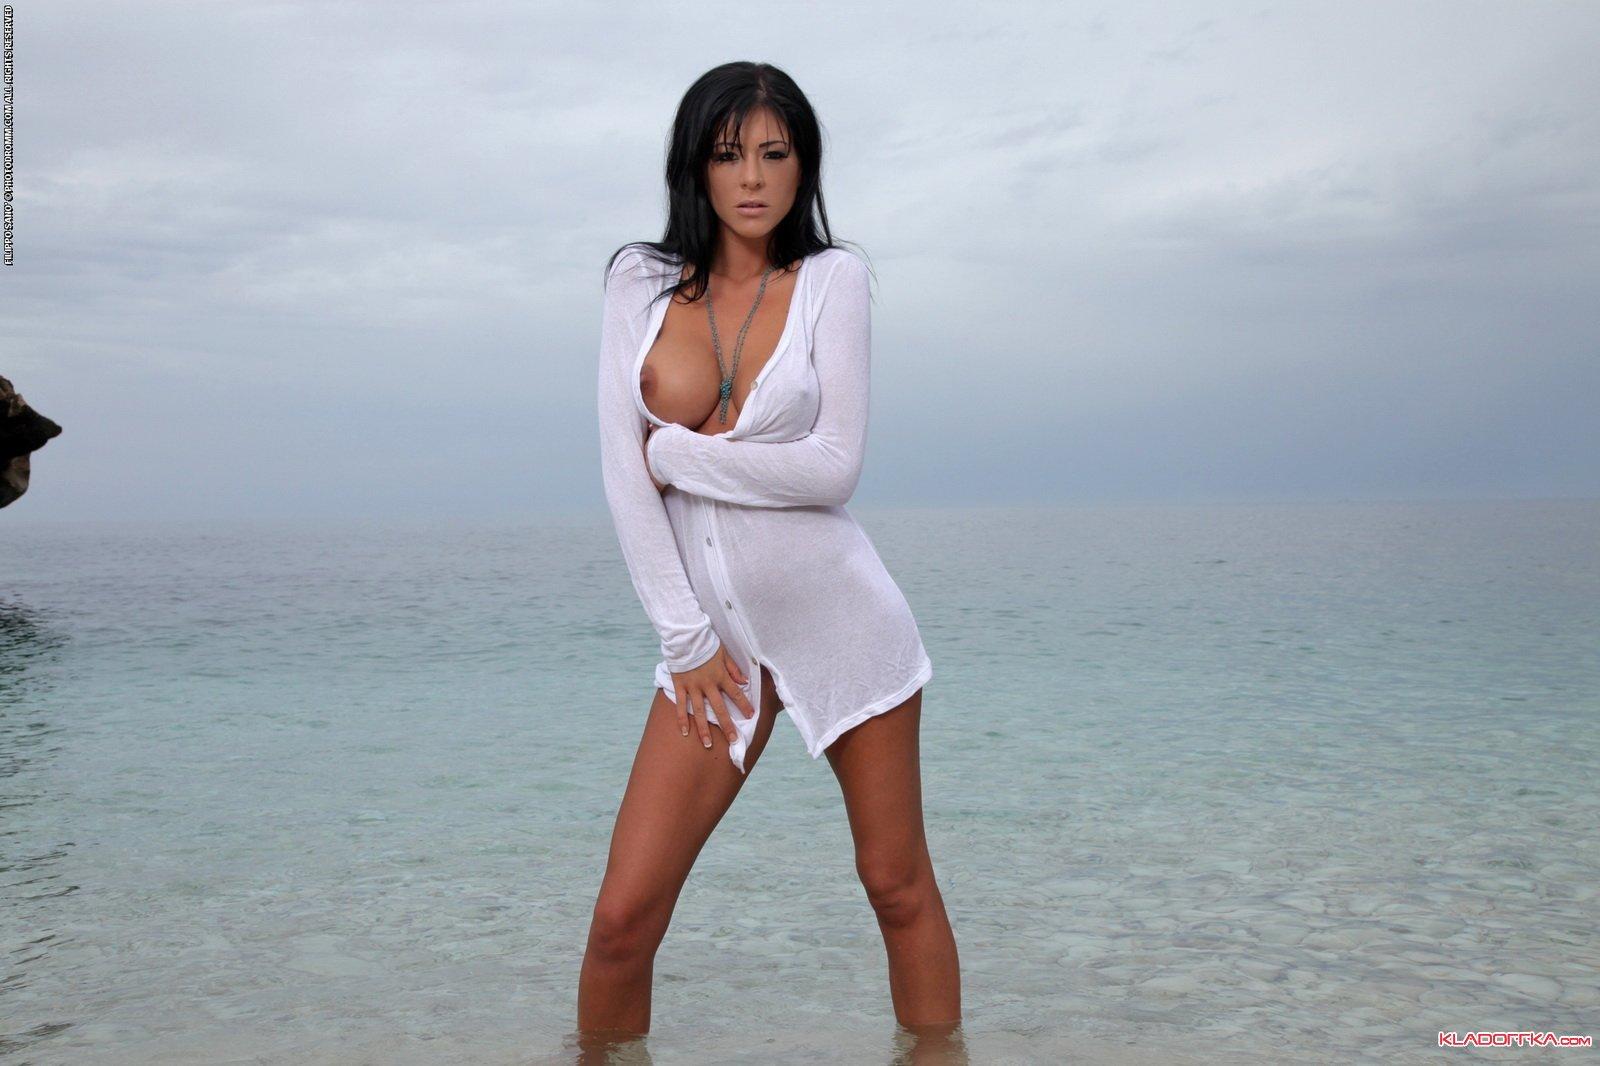 голые девушки на морском берегу